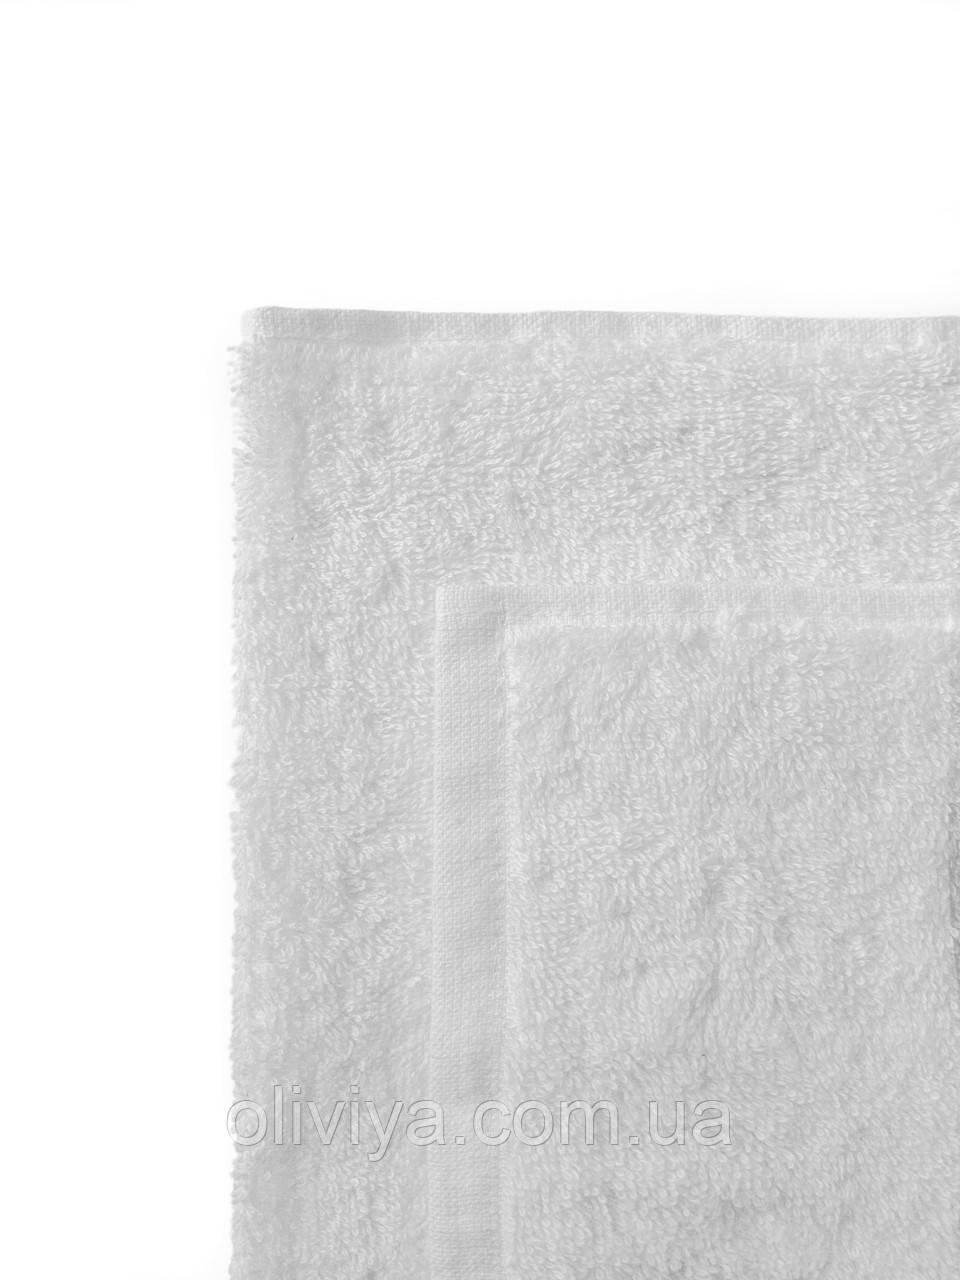 Простирадло махрова 100% бавовна біла